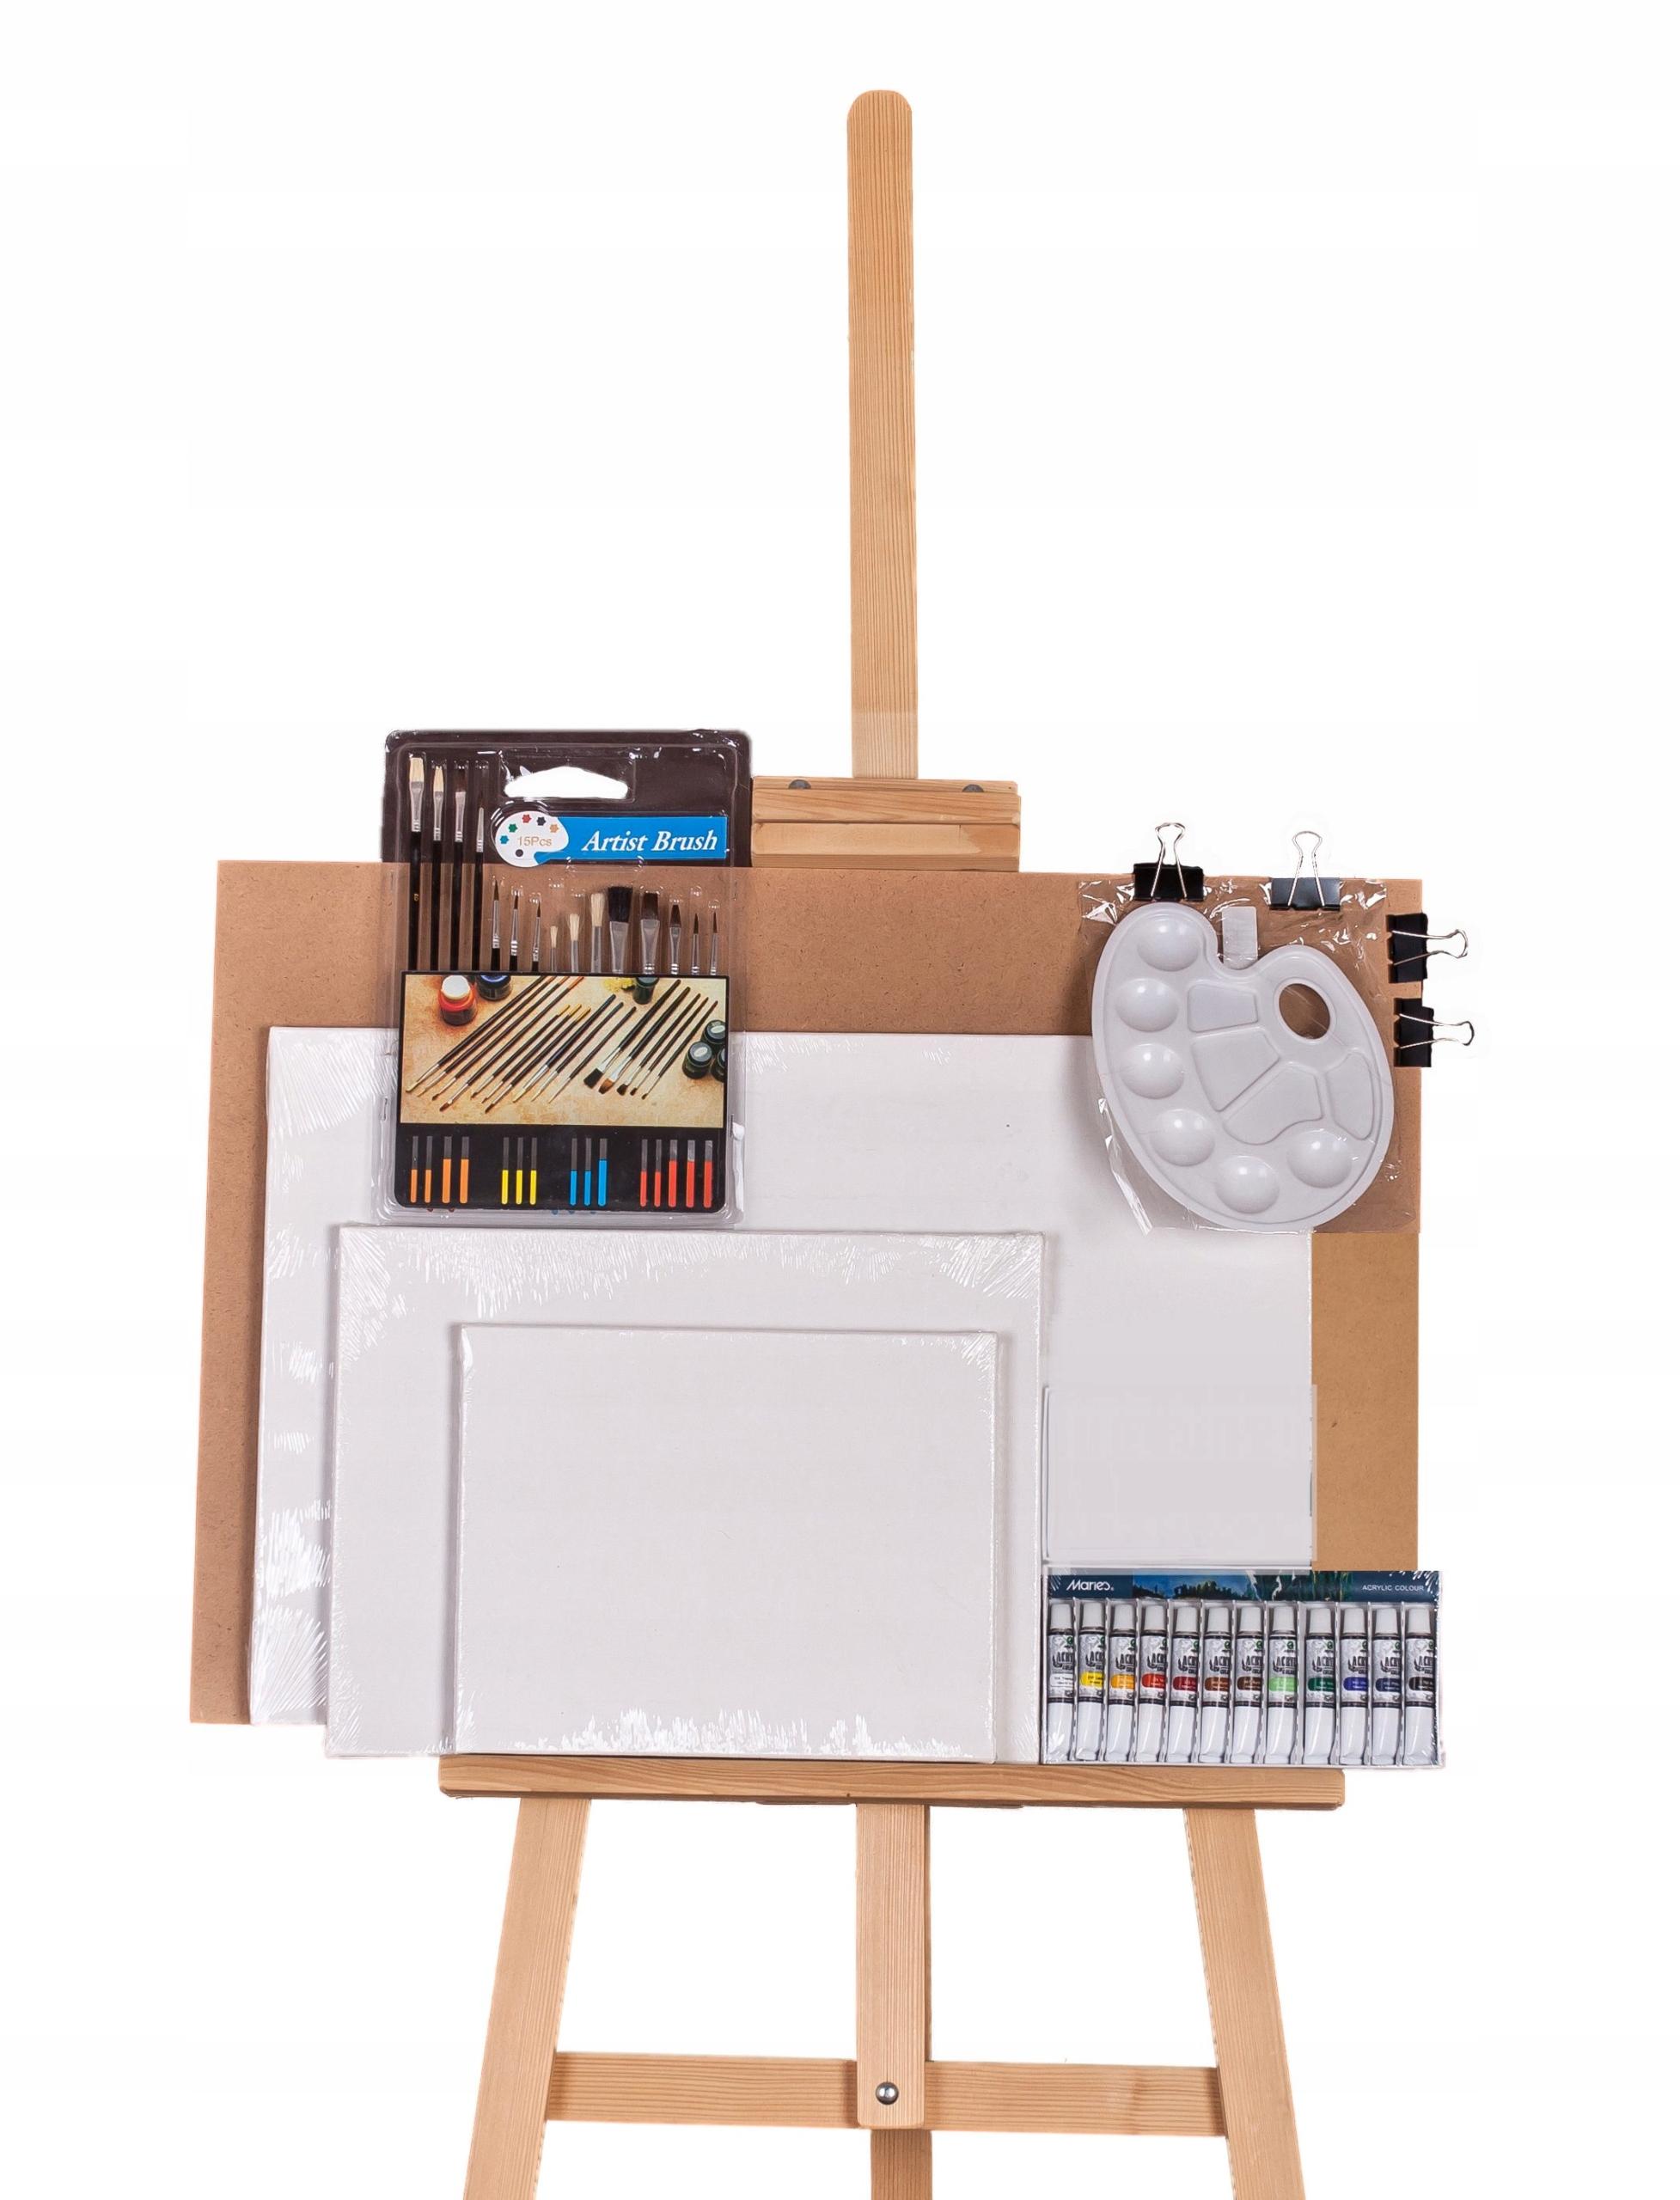 Sztaluga + zestaw malarski, panele, farby, pedzle. 7814652233 - Allegro.pl